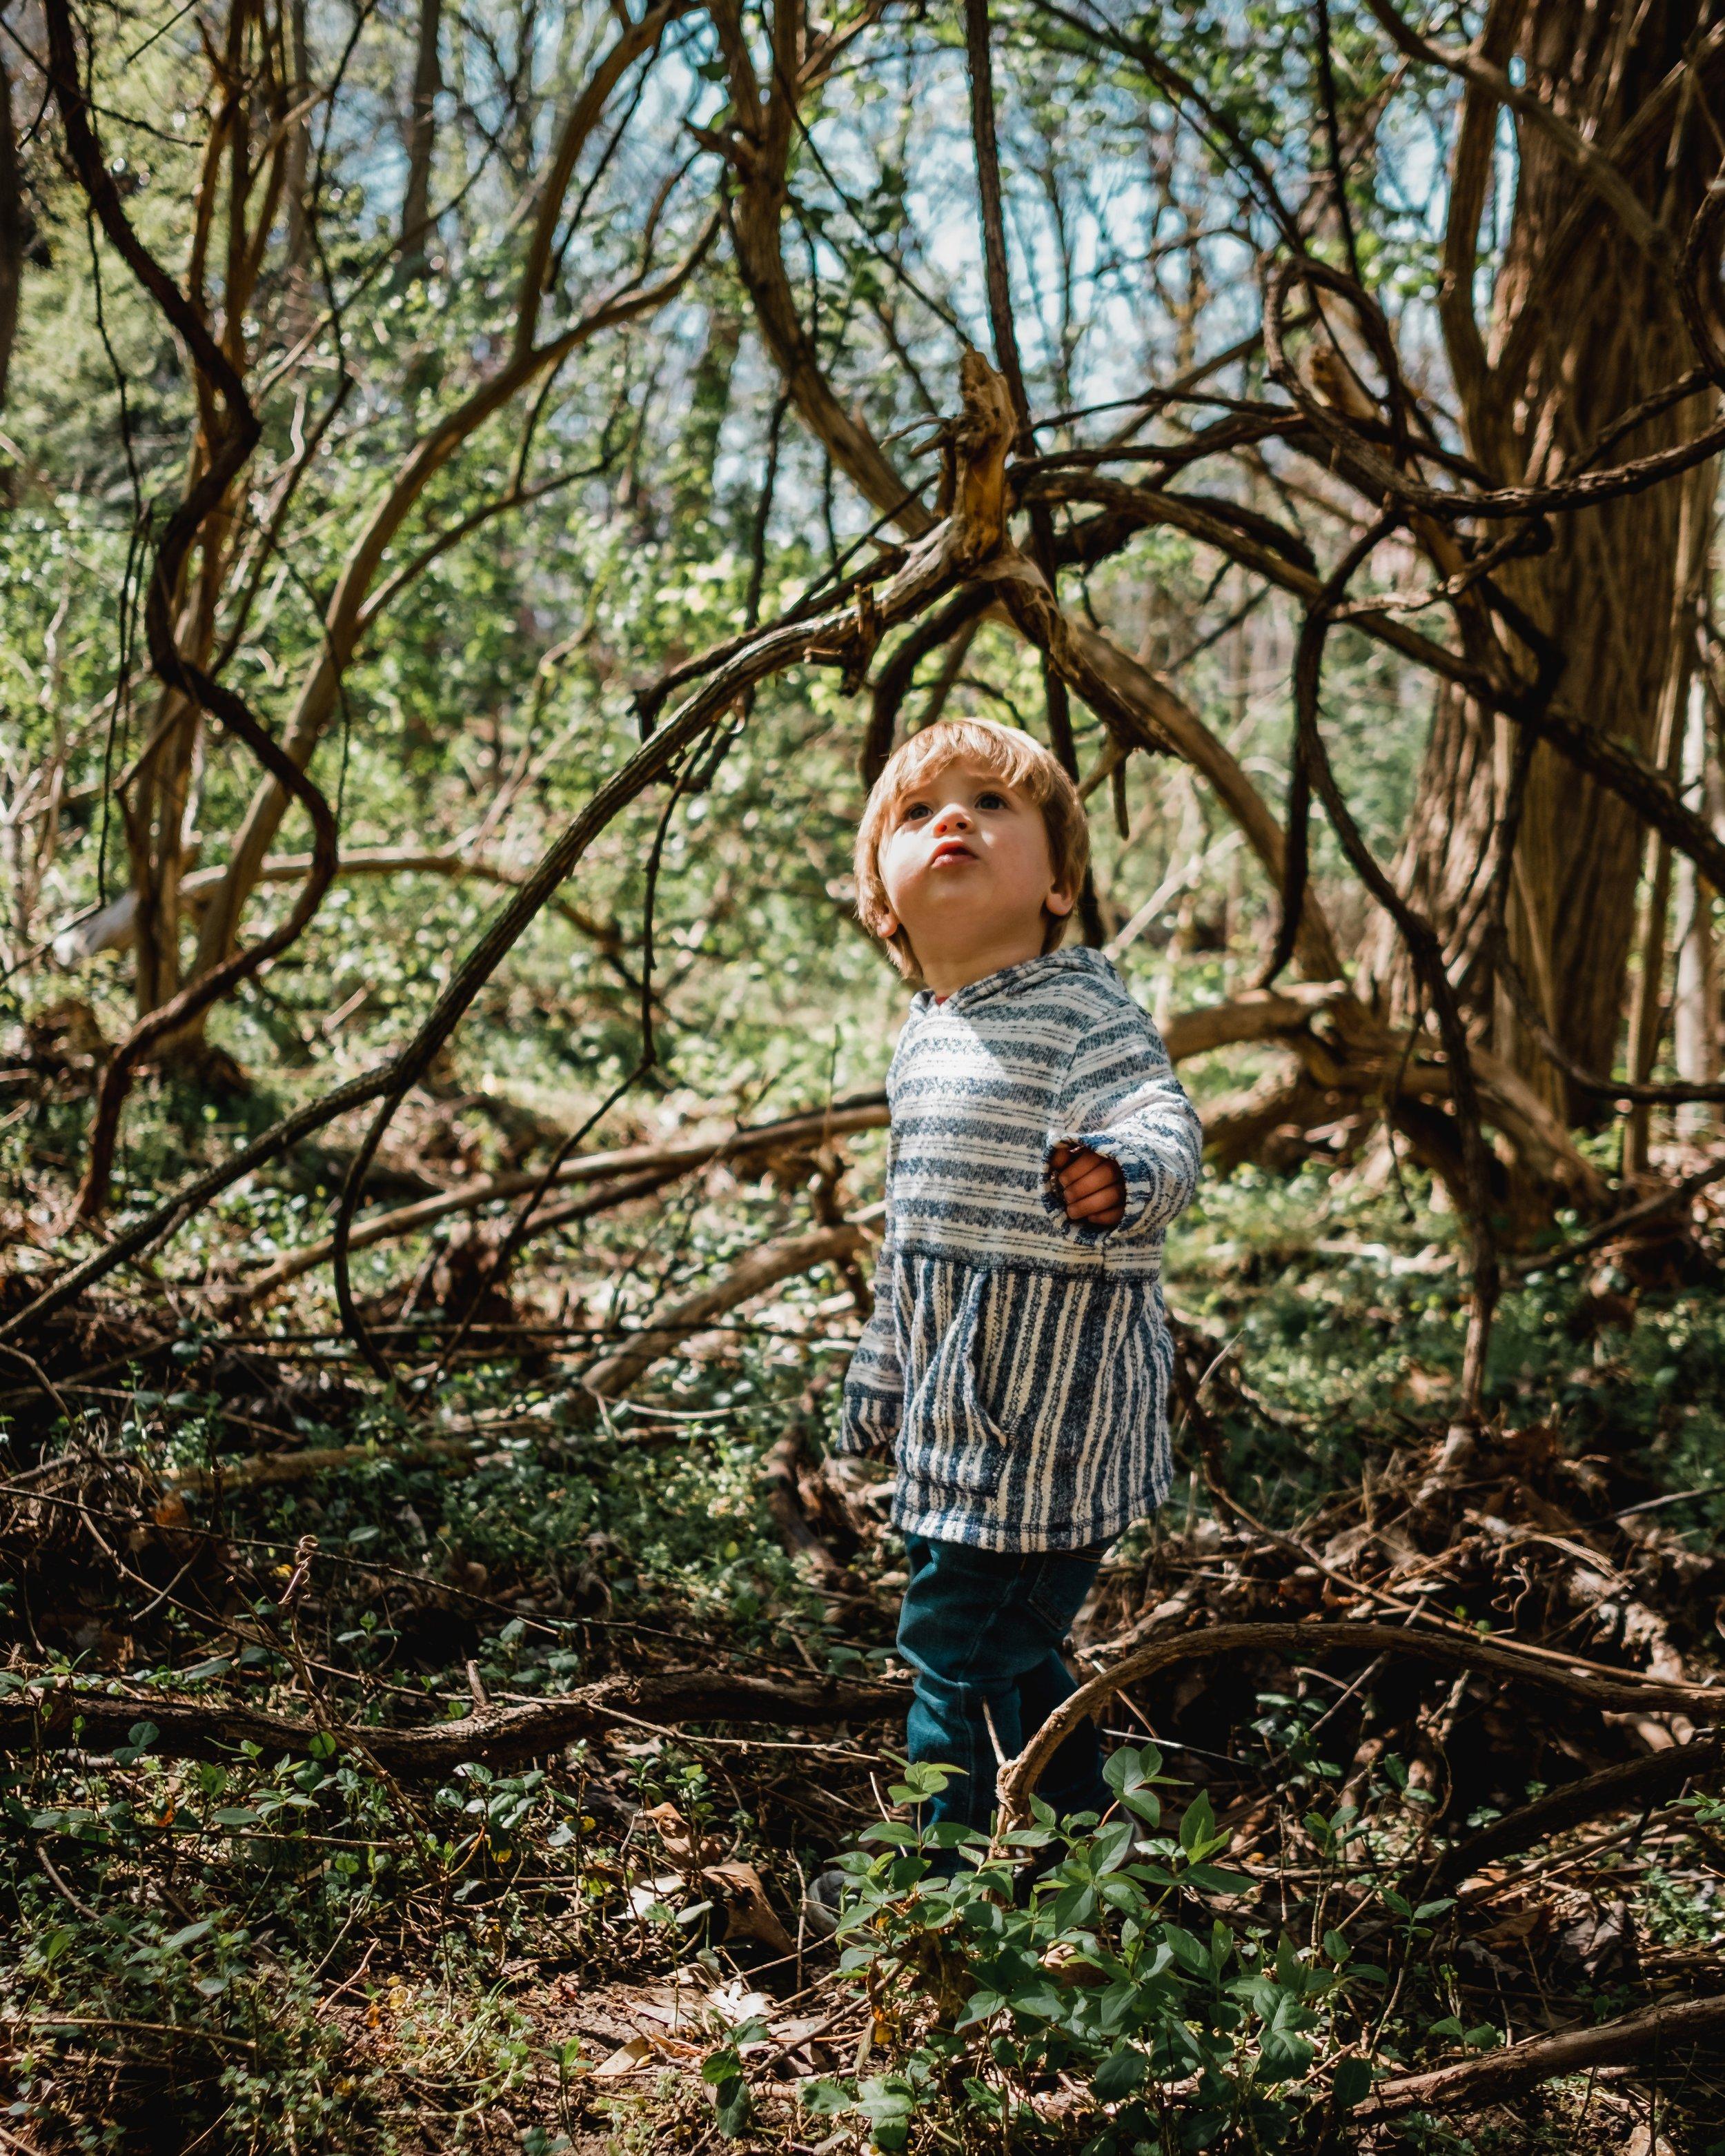 boy in woods.jpg